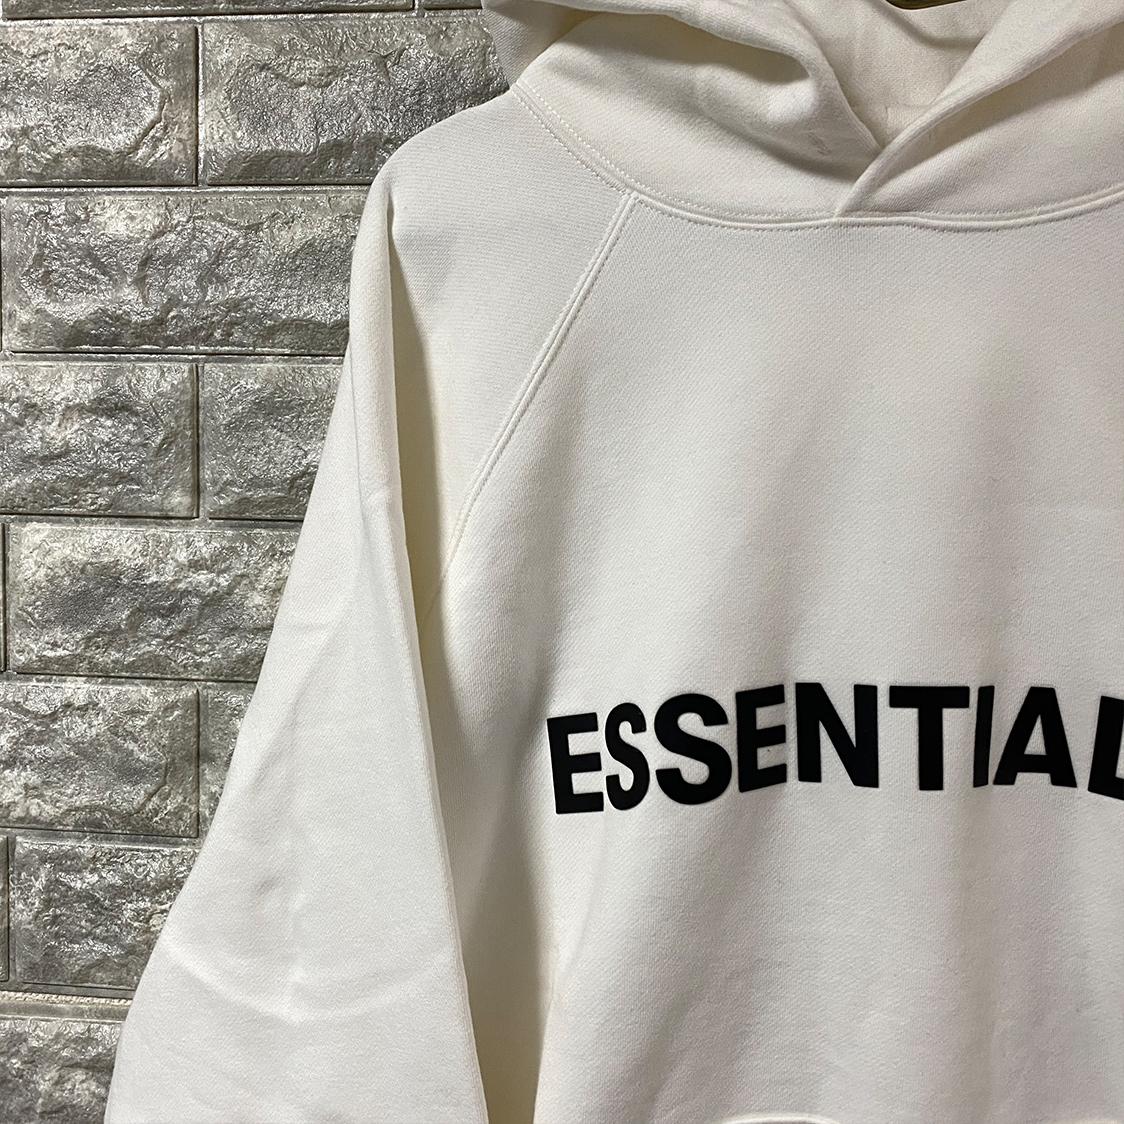 新品 FOG Fear Of God Essentials フェアオブゴッド エッセンシャルズ 【Mサイズ】 LOGO パーカー フーディ エッセンシャル WHITE ホワイト フォグ【ジェリーロレンゾ着】